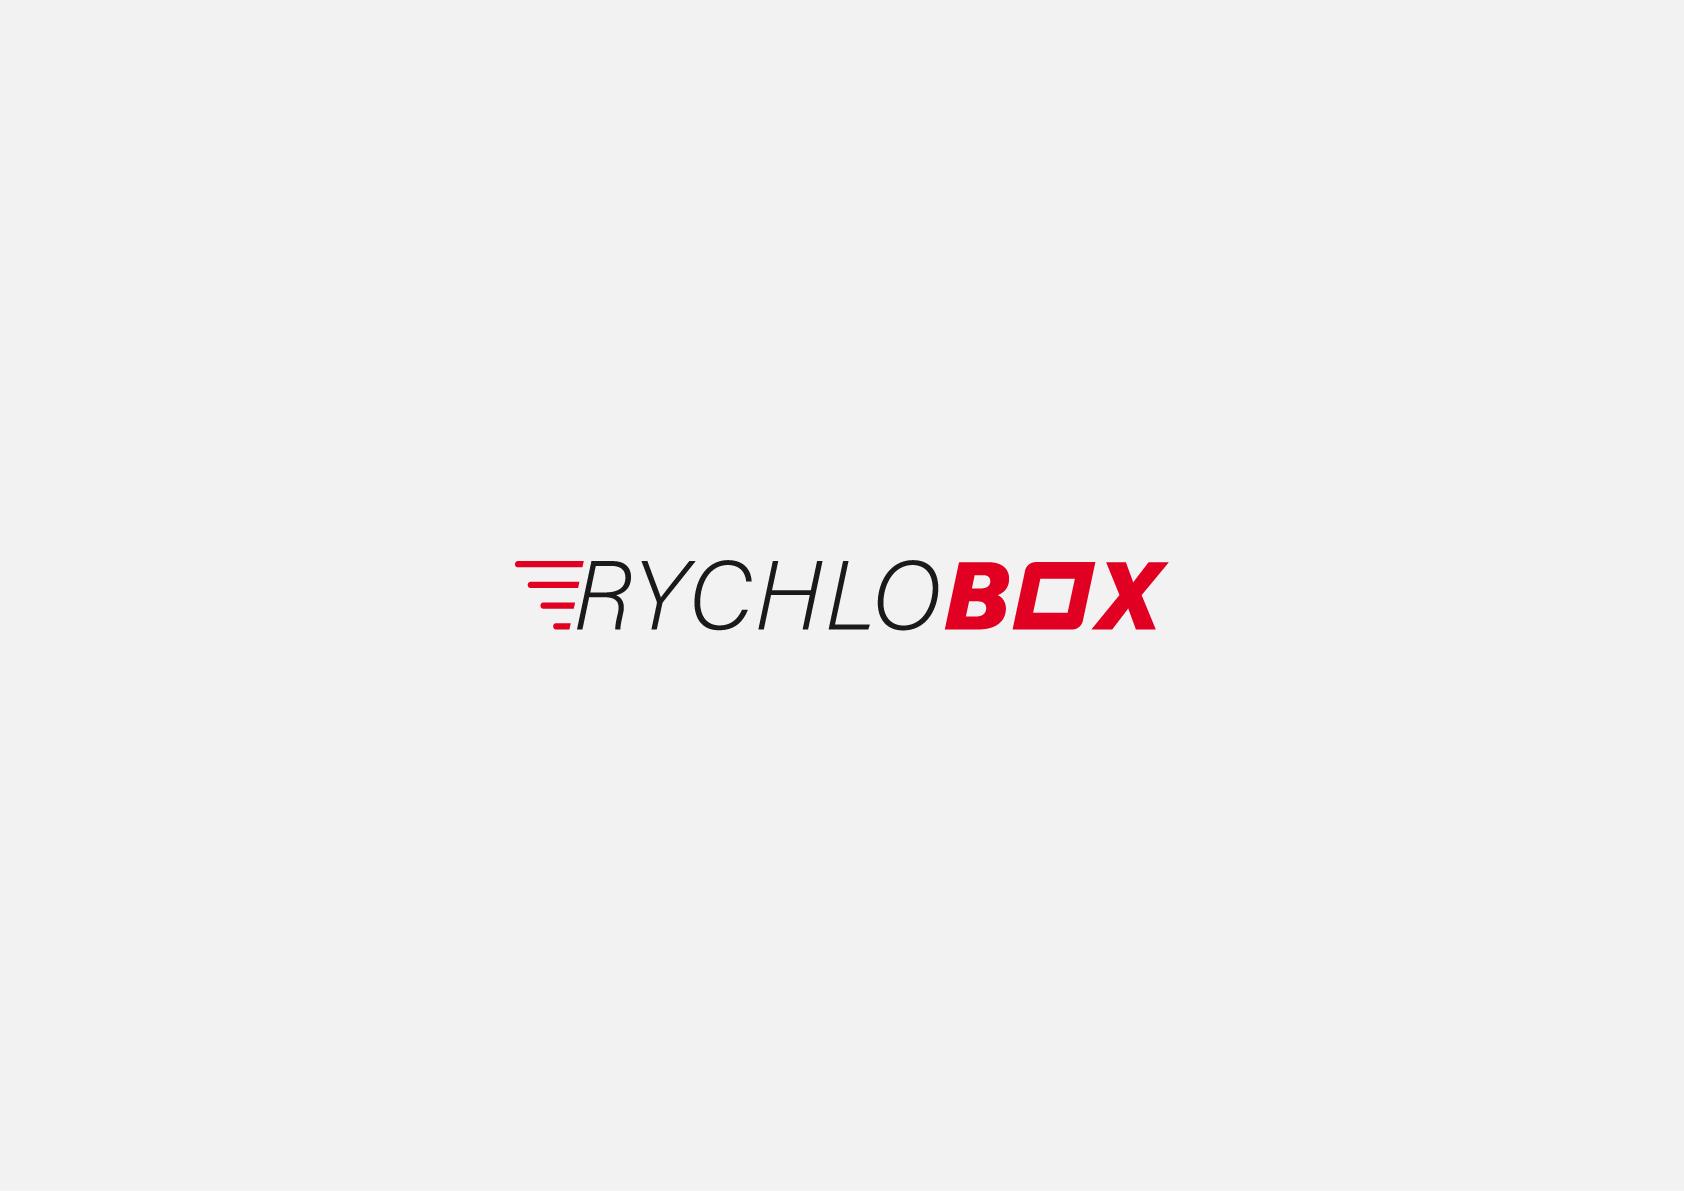 Pack Shop Praha dodává rychloboxy k rychlé expedici zásilek